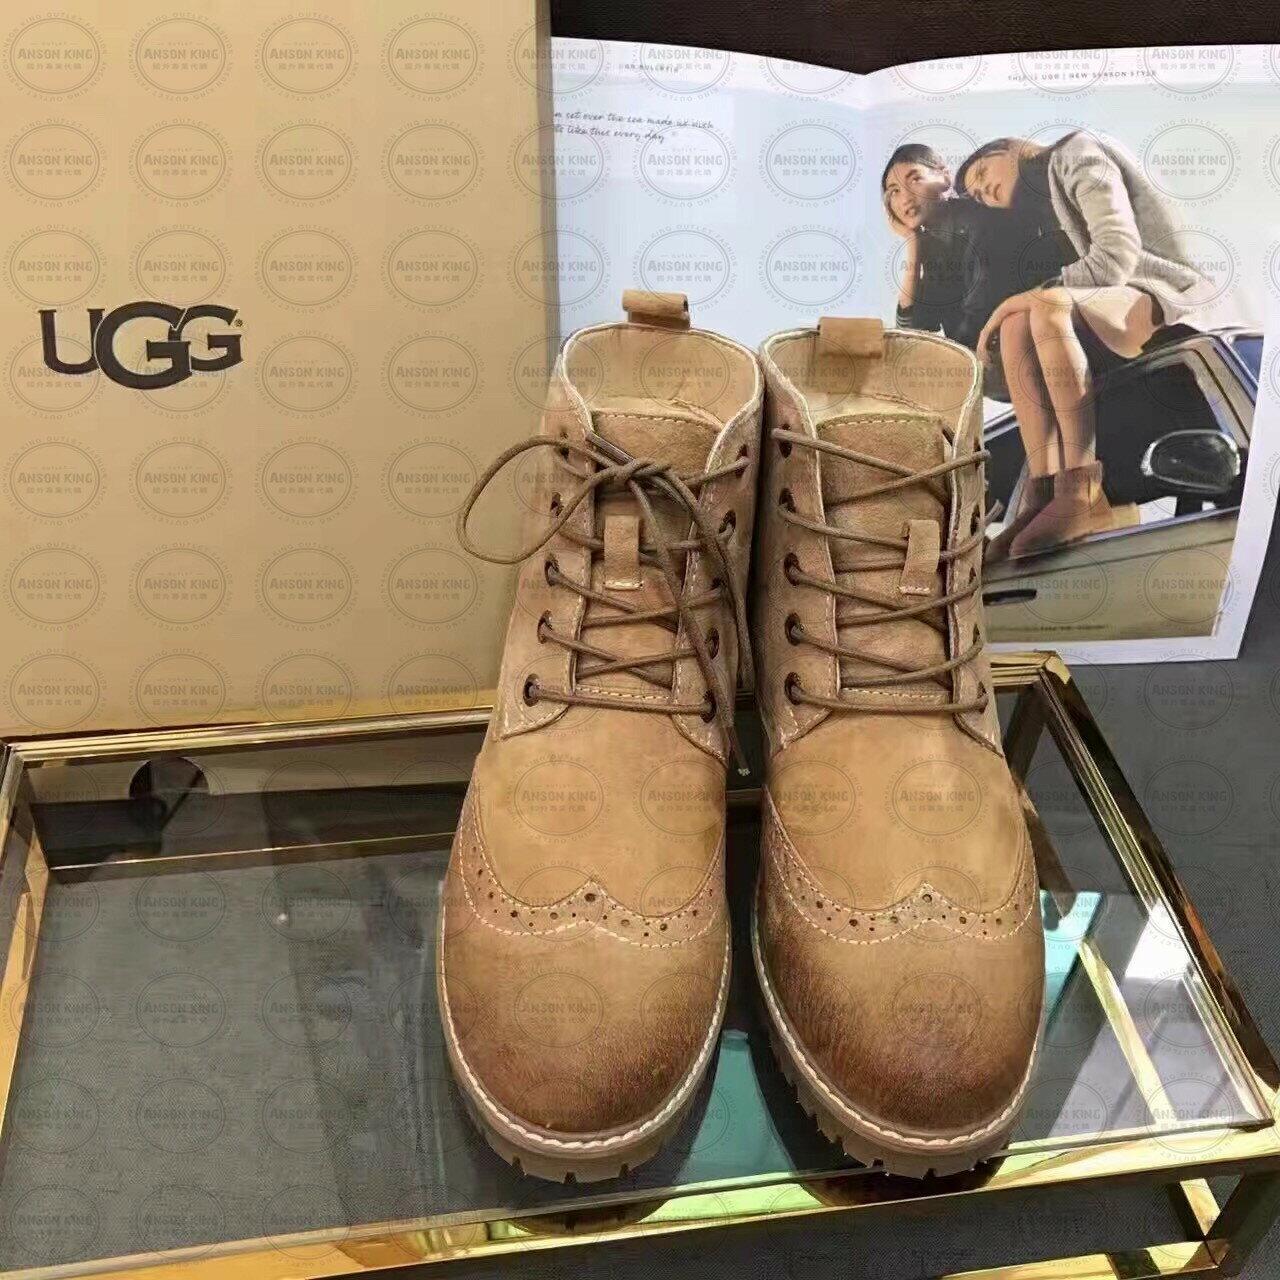 OUTLET正品代購 澳洲 UGG 女款加厚磨砂面 馬汀靴 中長靴 保暖 真皮羊皮毛 雪靴 短靴 駝色 0